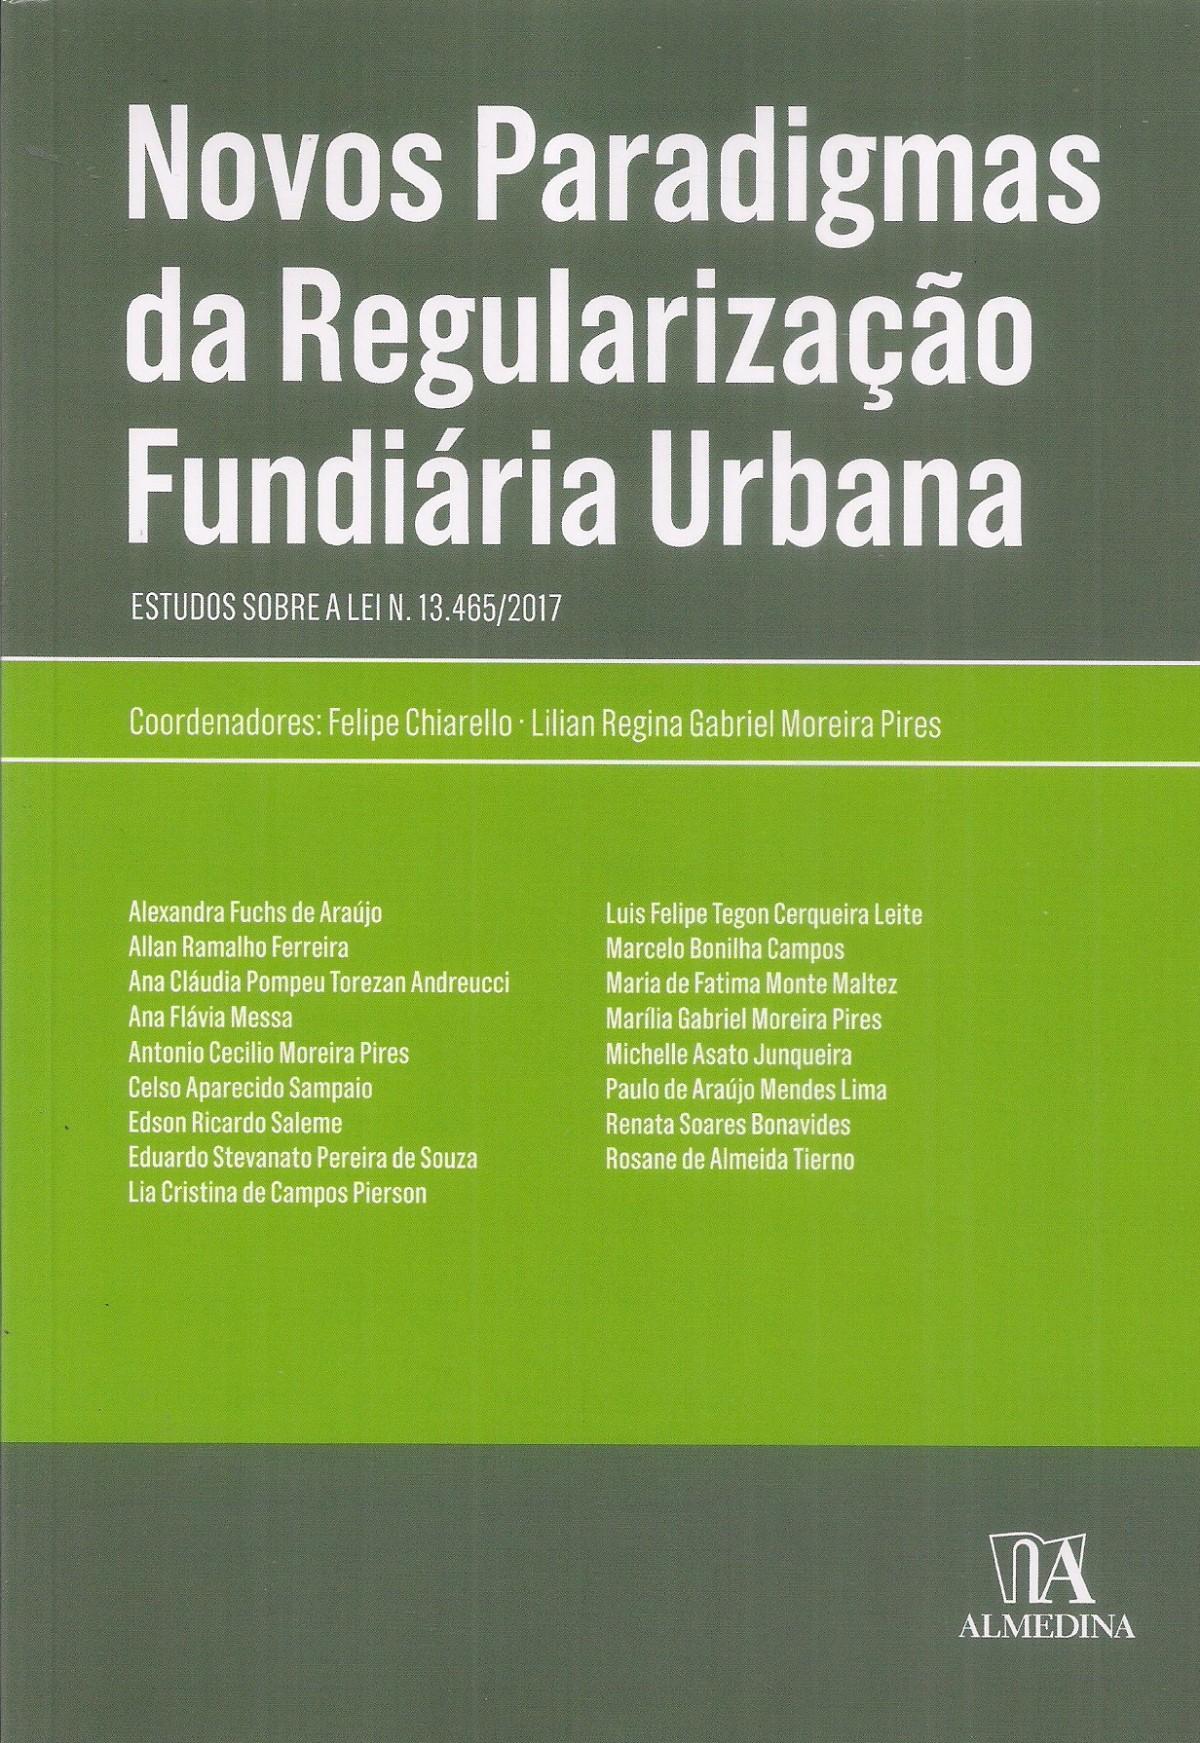 Foto 1 - Novos Paradigmas da Regularização Fundiária Urbana